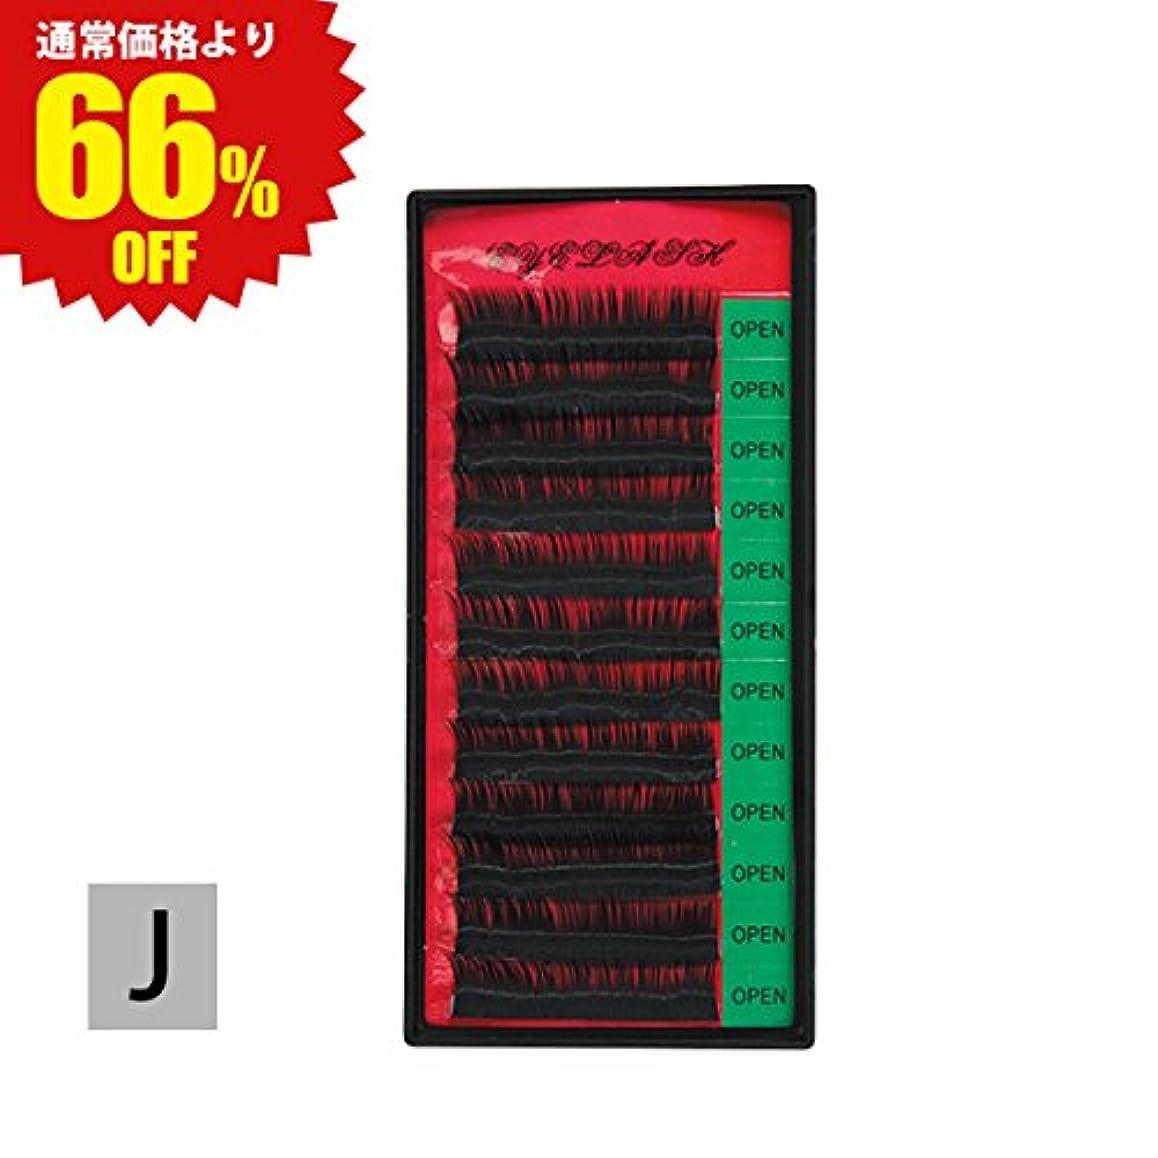 まつげエクステ ミンクタッチ(12列) マツエク (Jカール 0.20mm 8mm)